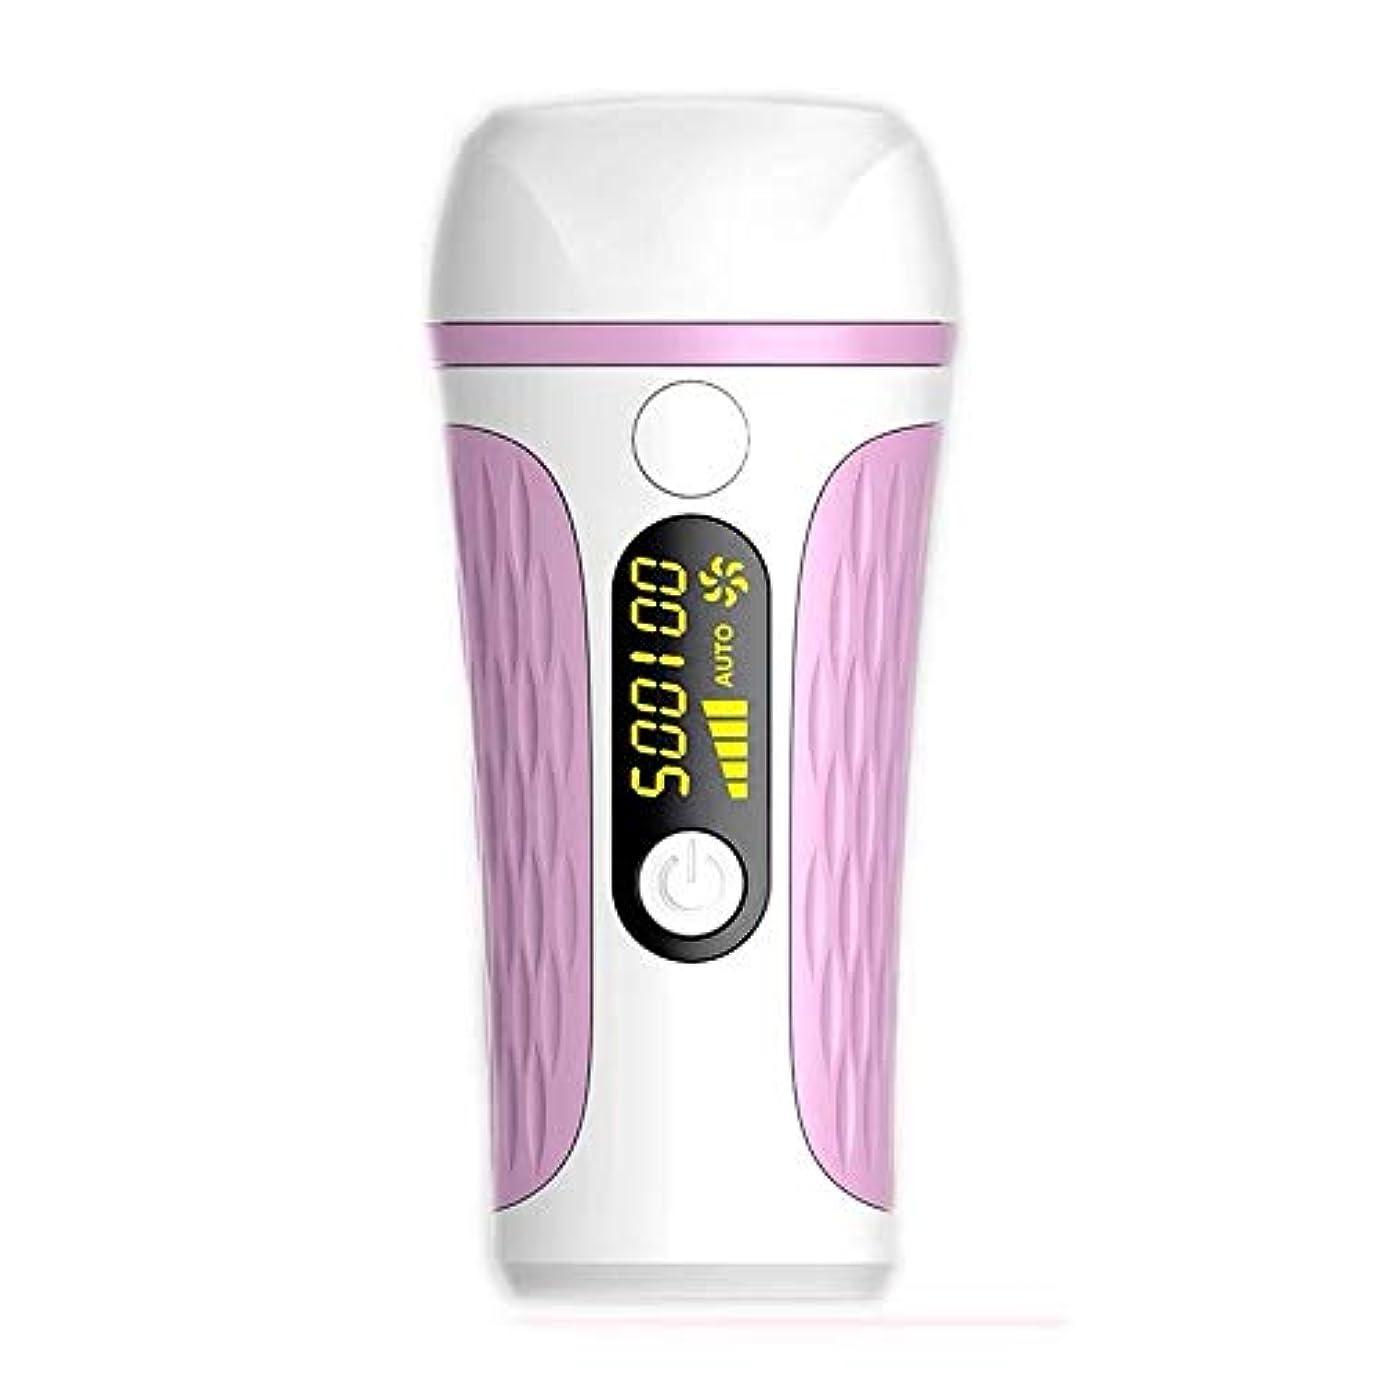 適合する平野治安判事Xihouxian 携帯用コールドポイント痛みのない毛の除去剤、自動、手動、2つのモード、LCDディスプレイ、5スピード調整、サイズ14.5 X 6.7 X 19 Cm D40